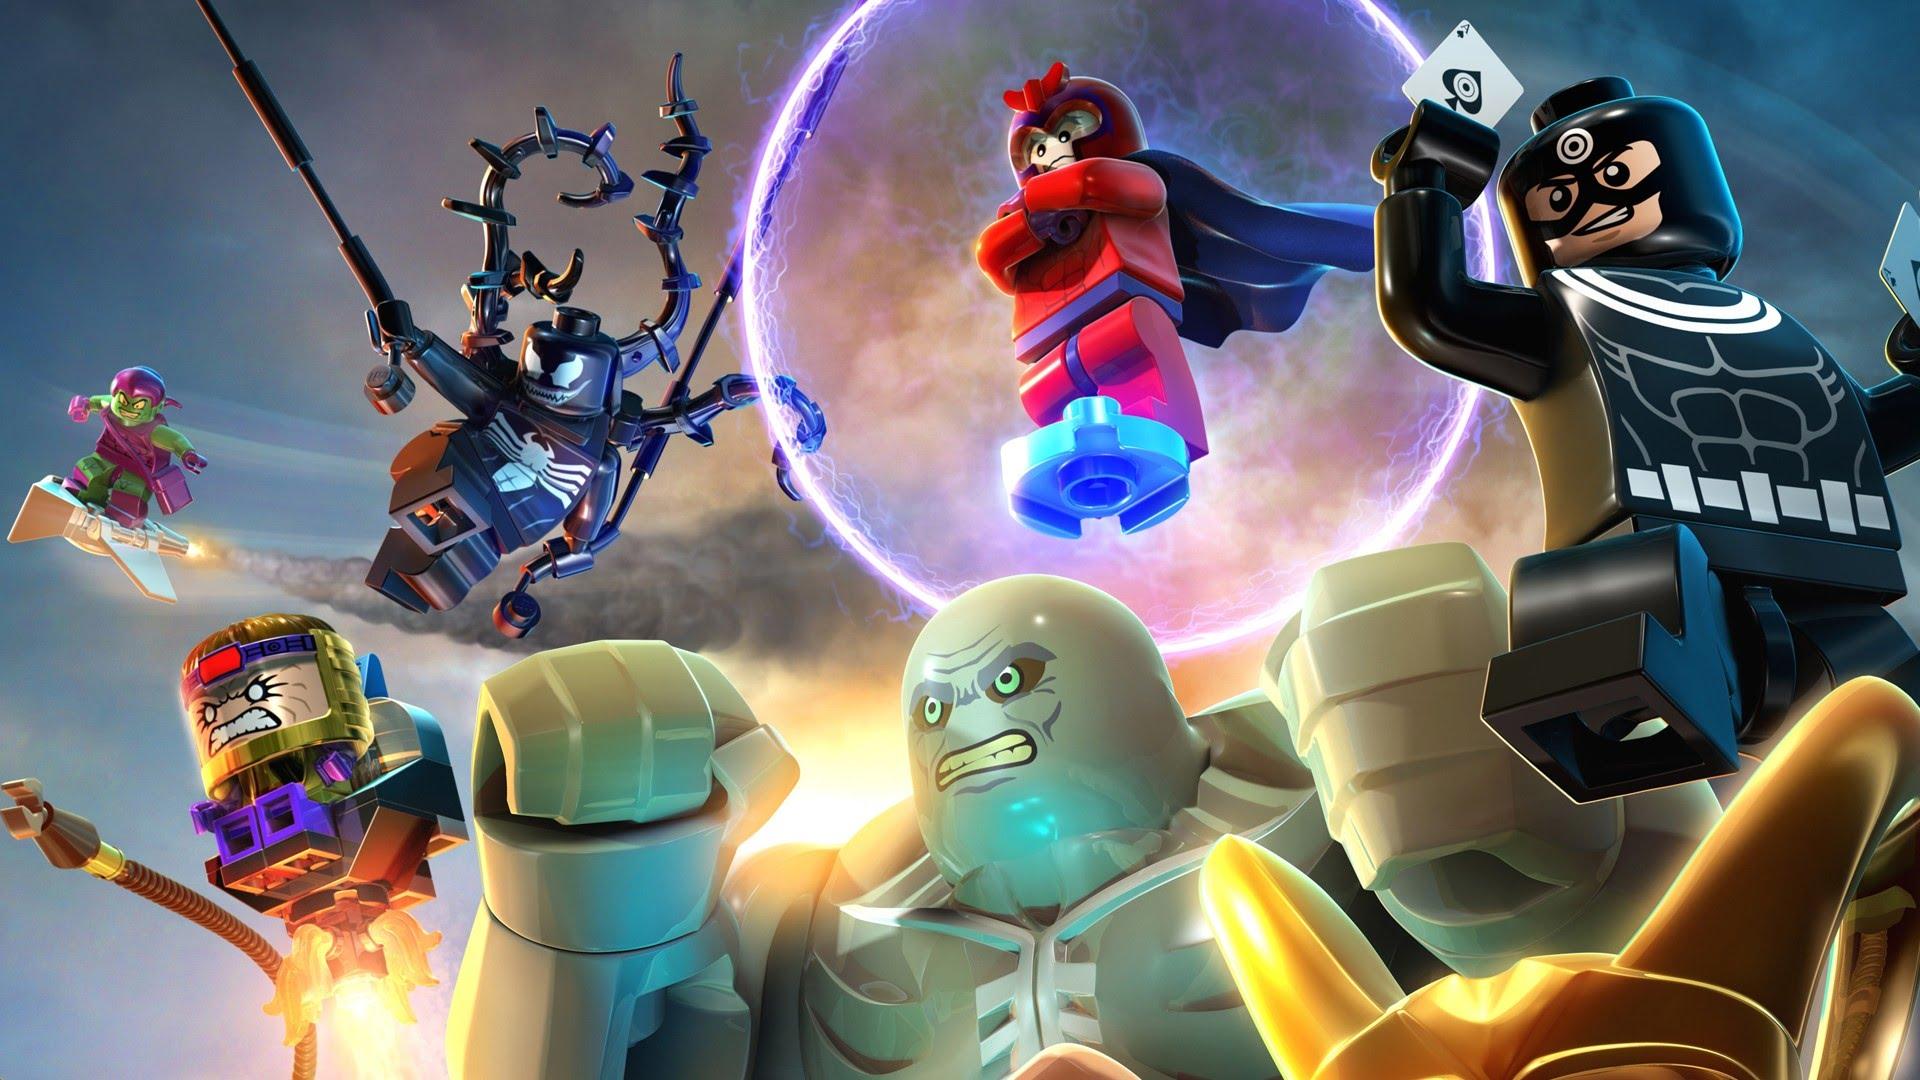 download LEGO Marvel Super Heroes HD Wallpaper 15 1920 X 1080 1920x1080